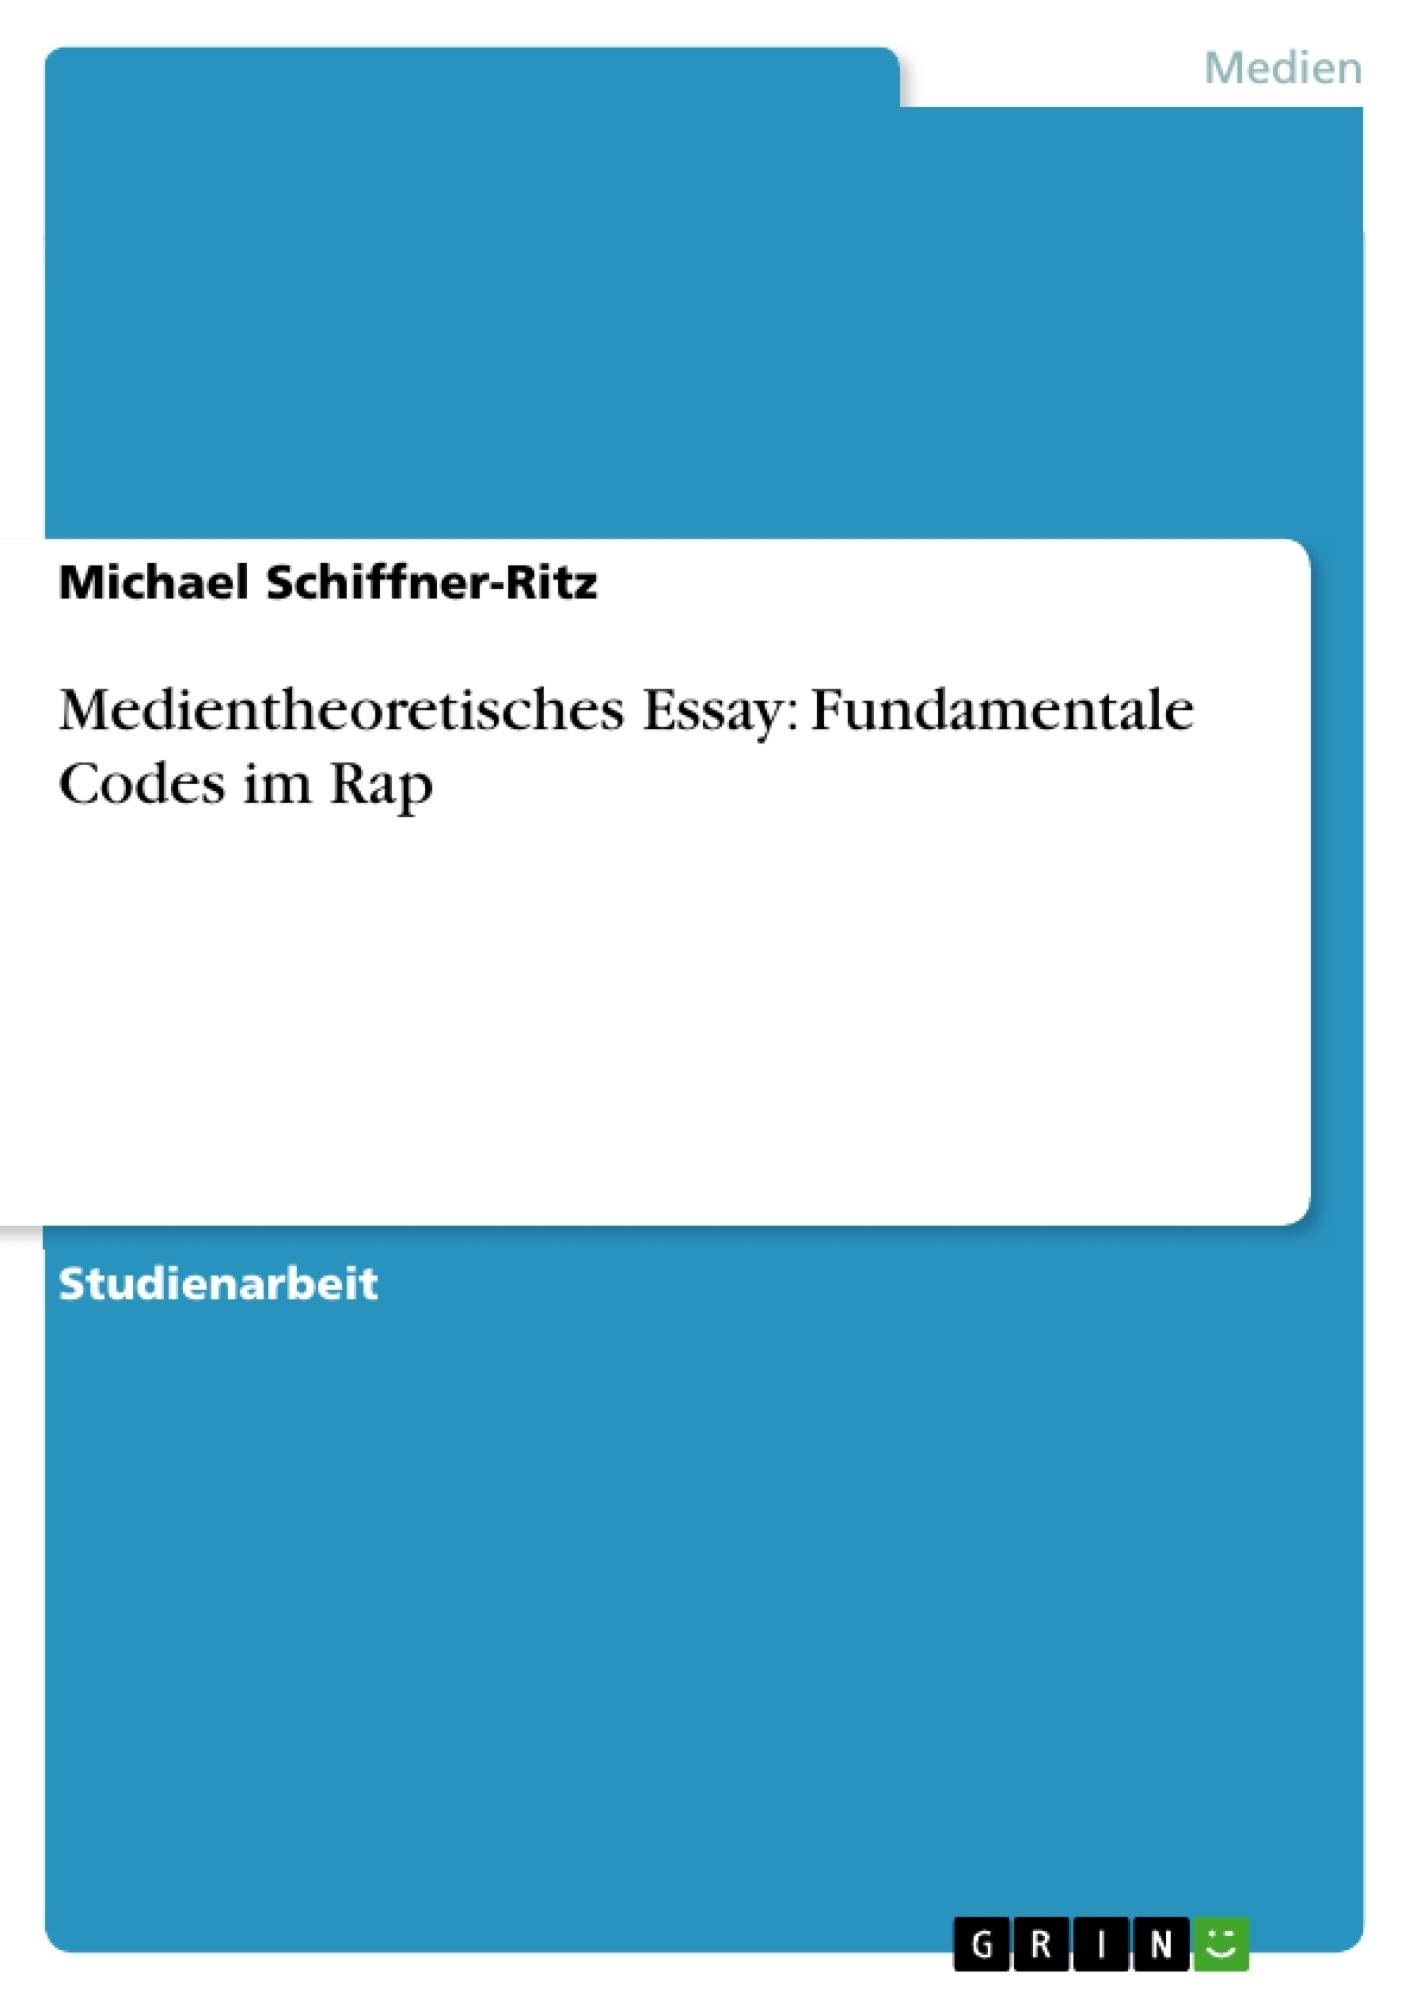 Titel: Medientheoretisches Essay: Fundamentale Codes im Rap